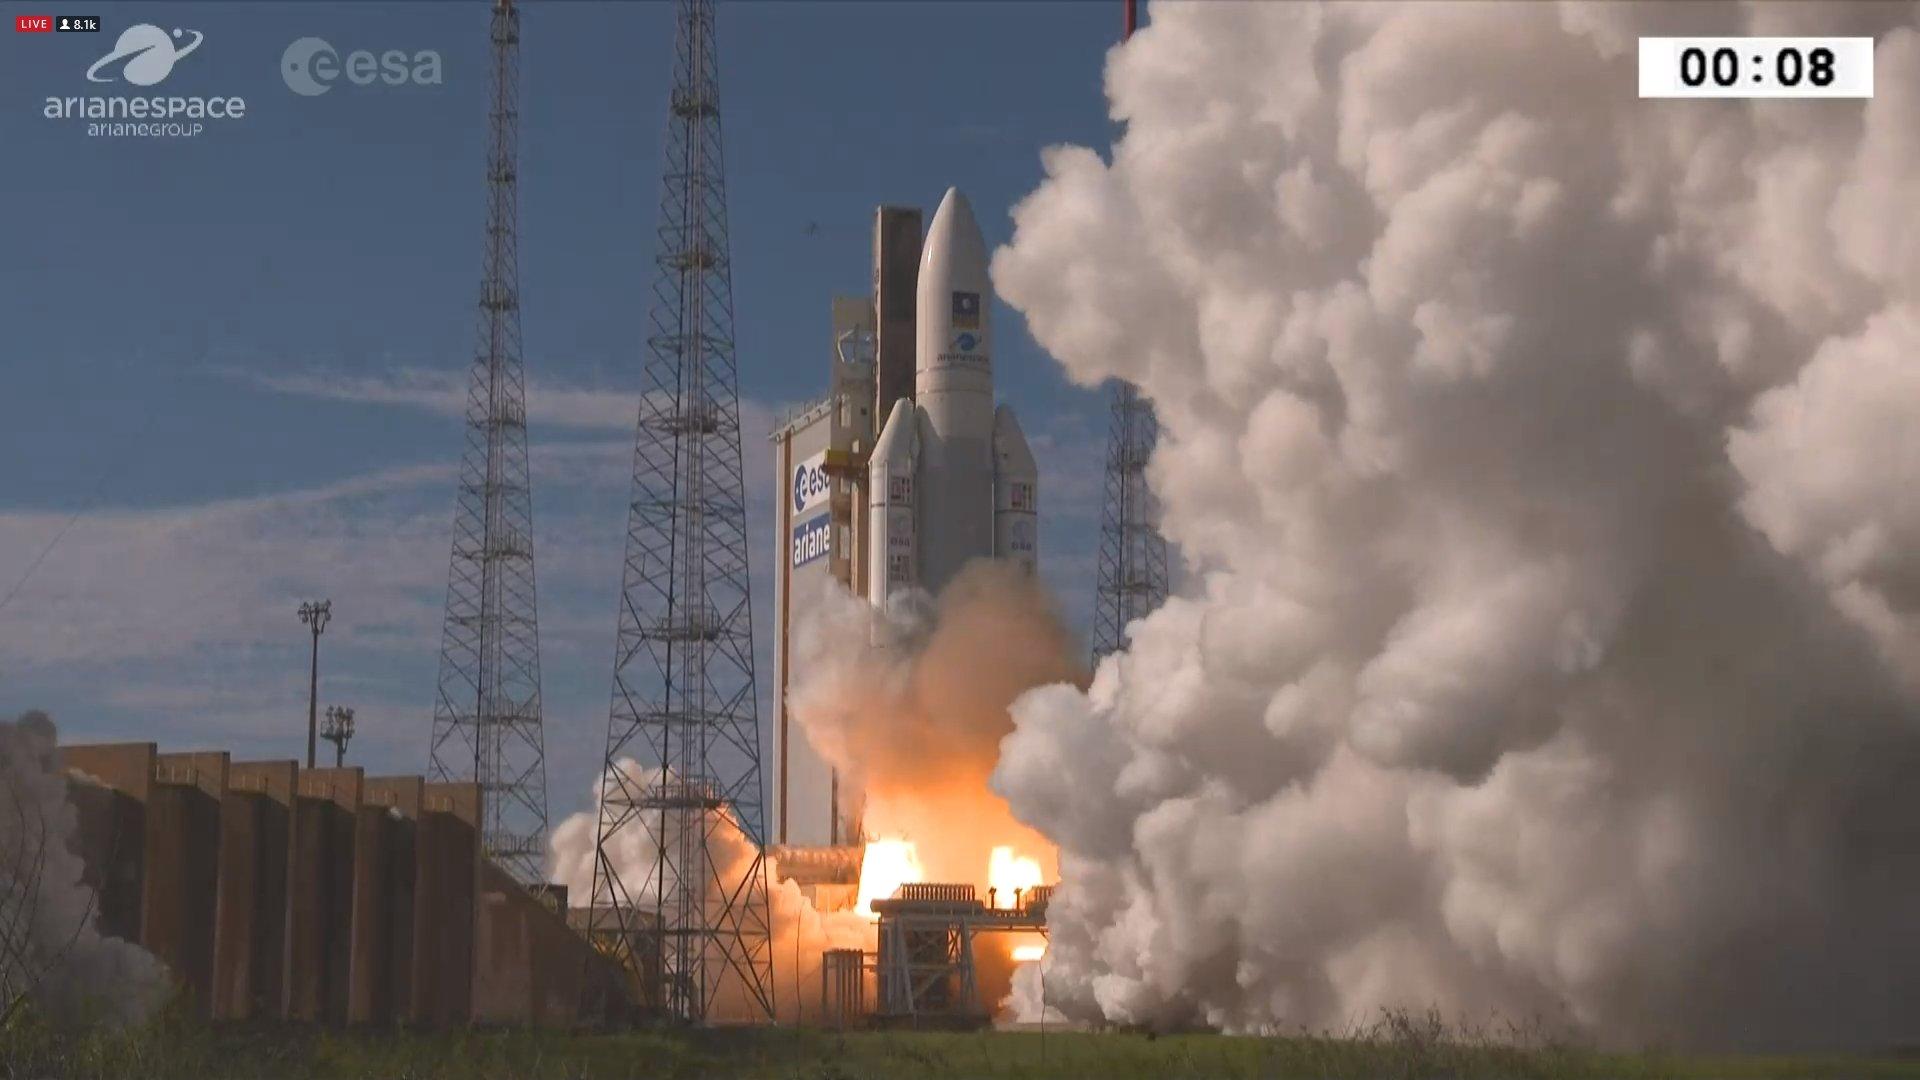 Erfolgreicher Start der 99. Ariane 5